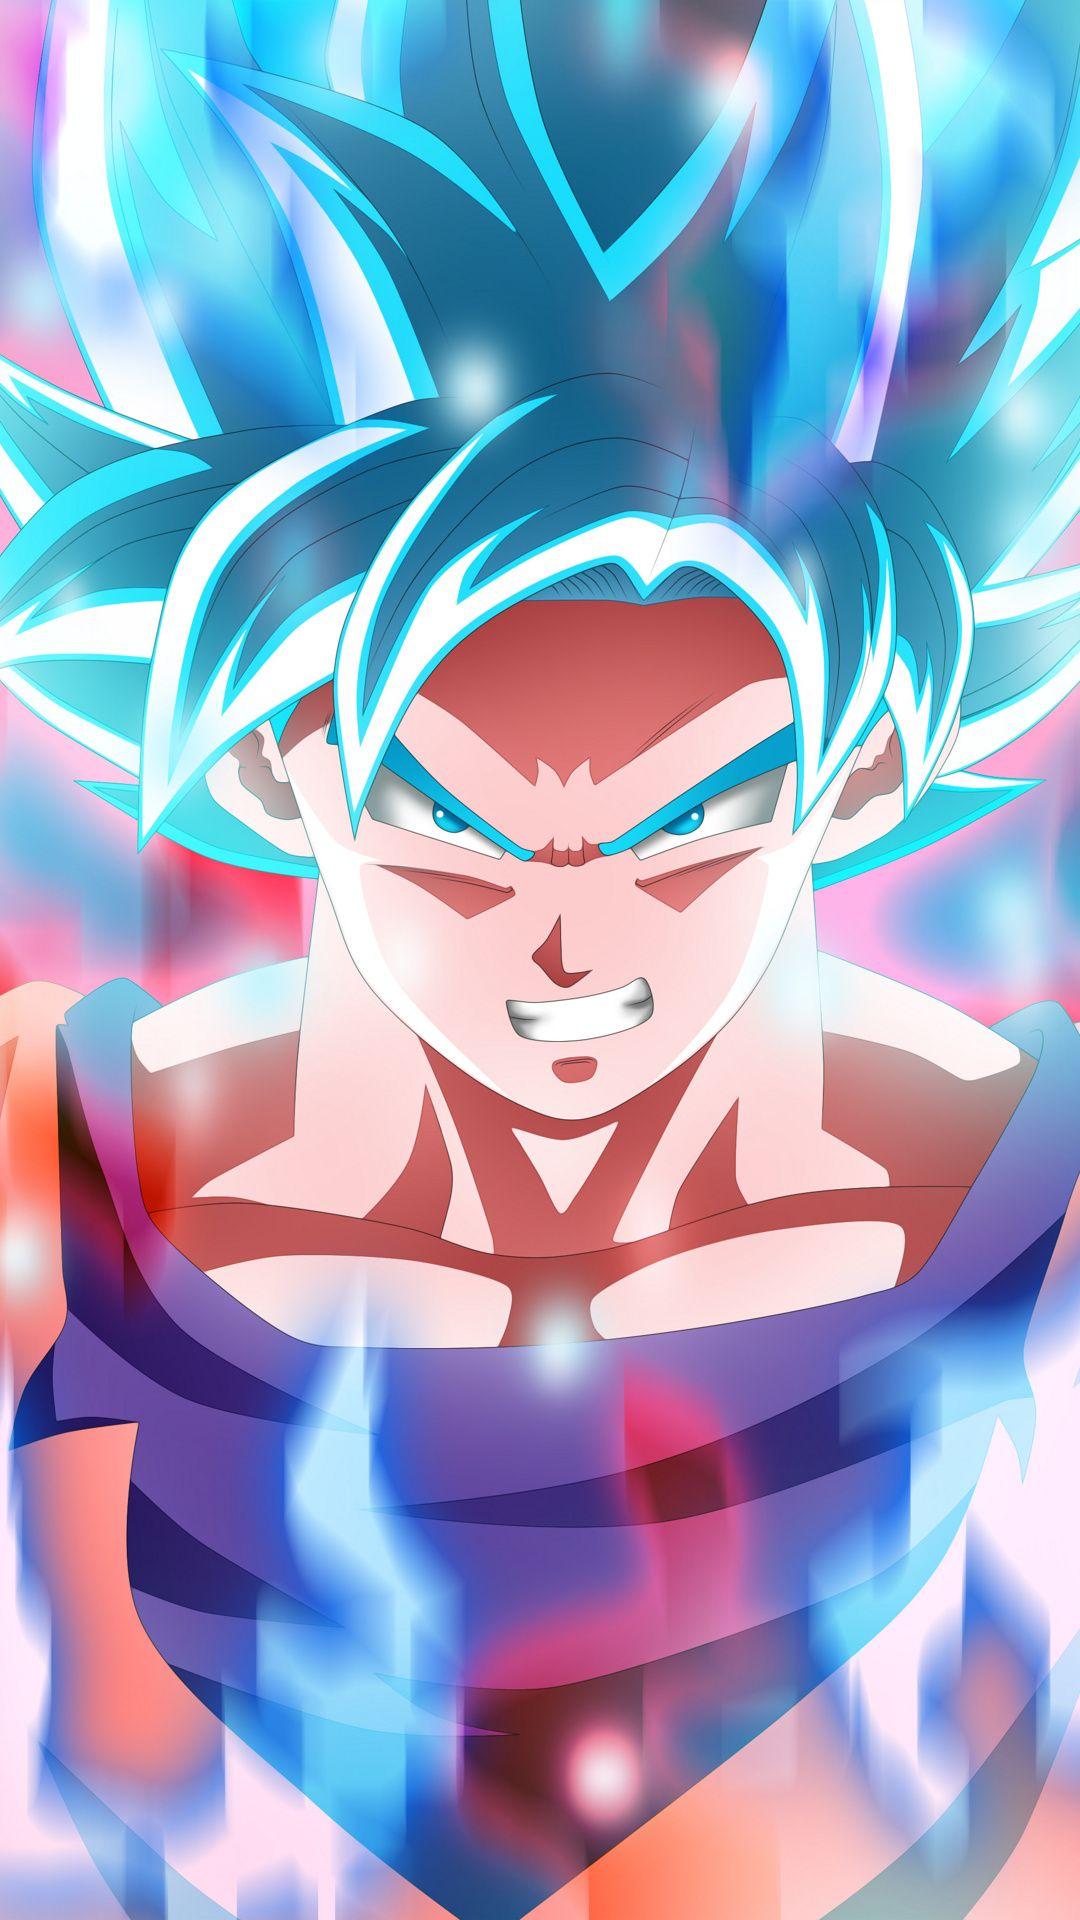 Goku God Blue Mobile Hd Wallpaper Anime Dragon Ball Super Dragon Ball Wallpapers Goku Wallpaper